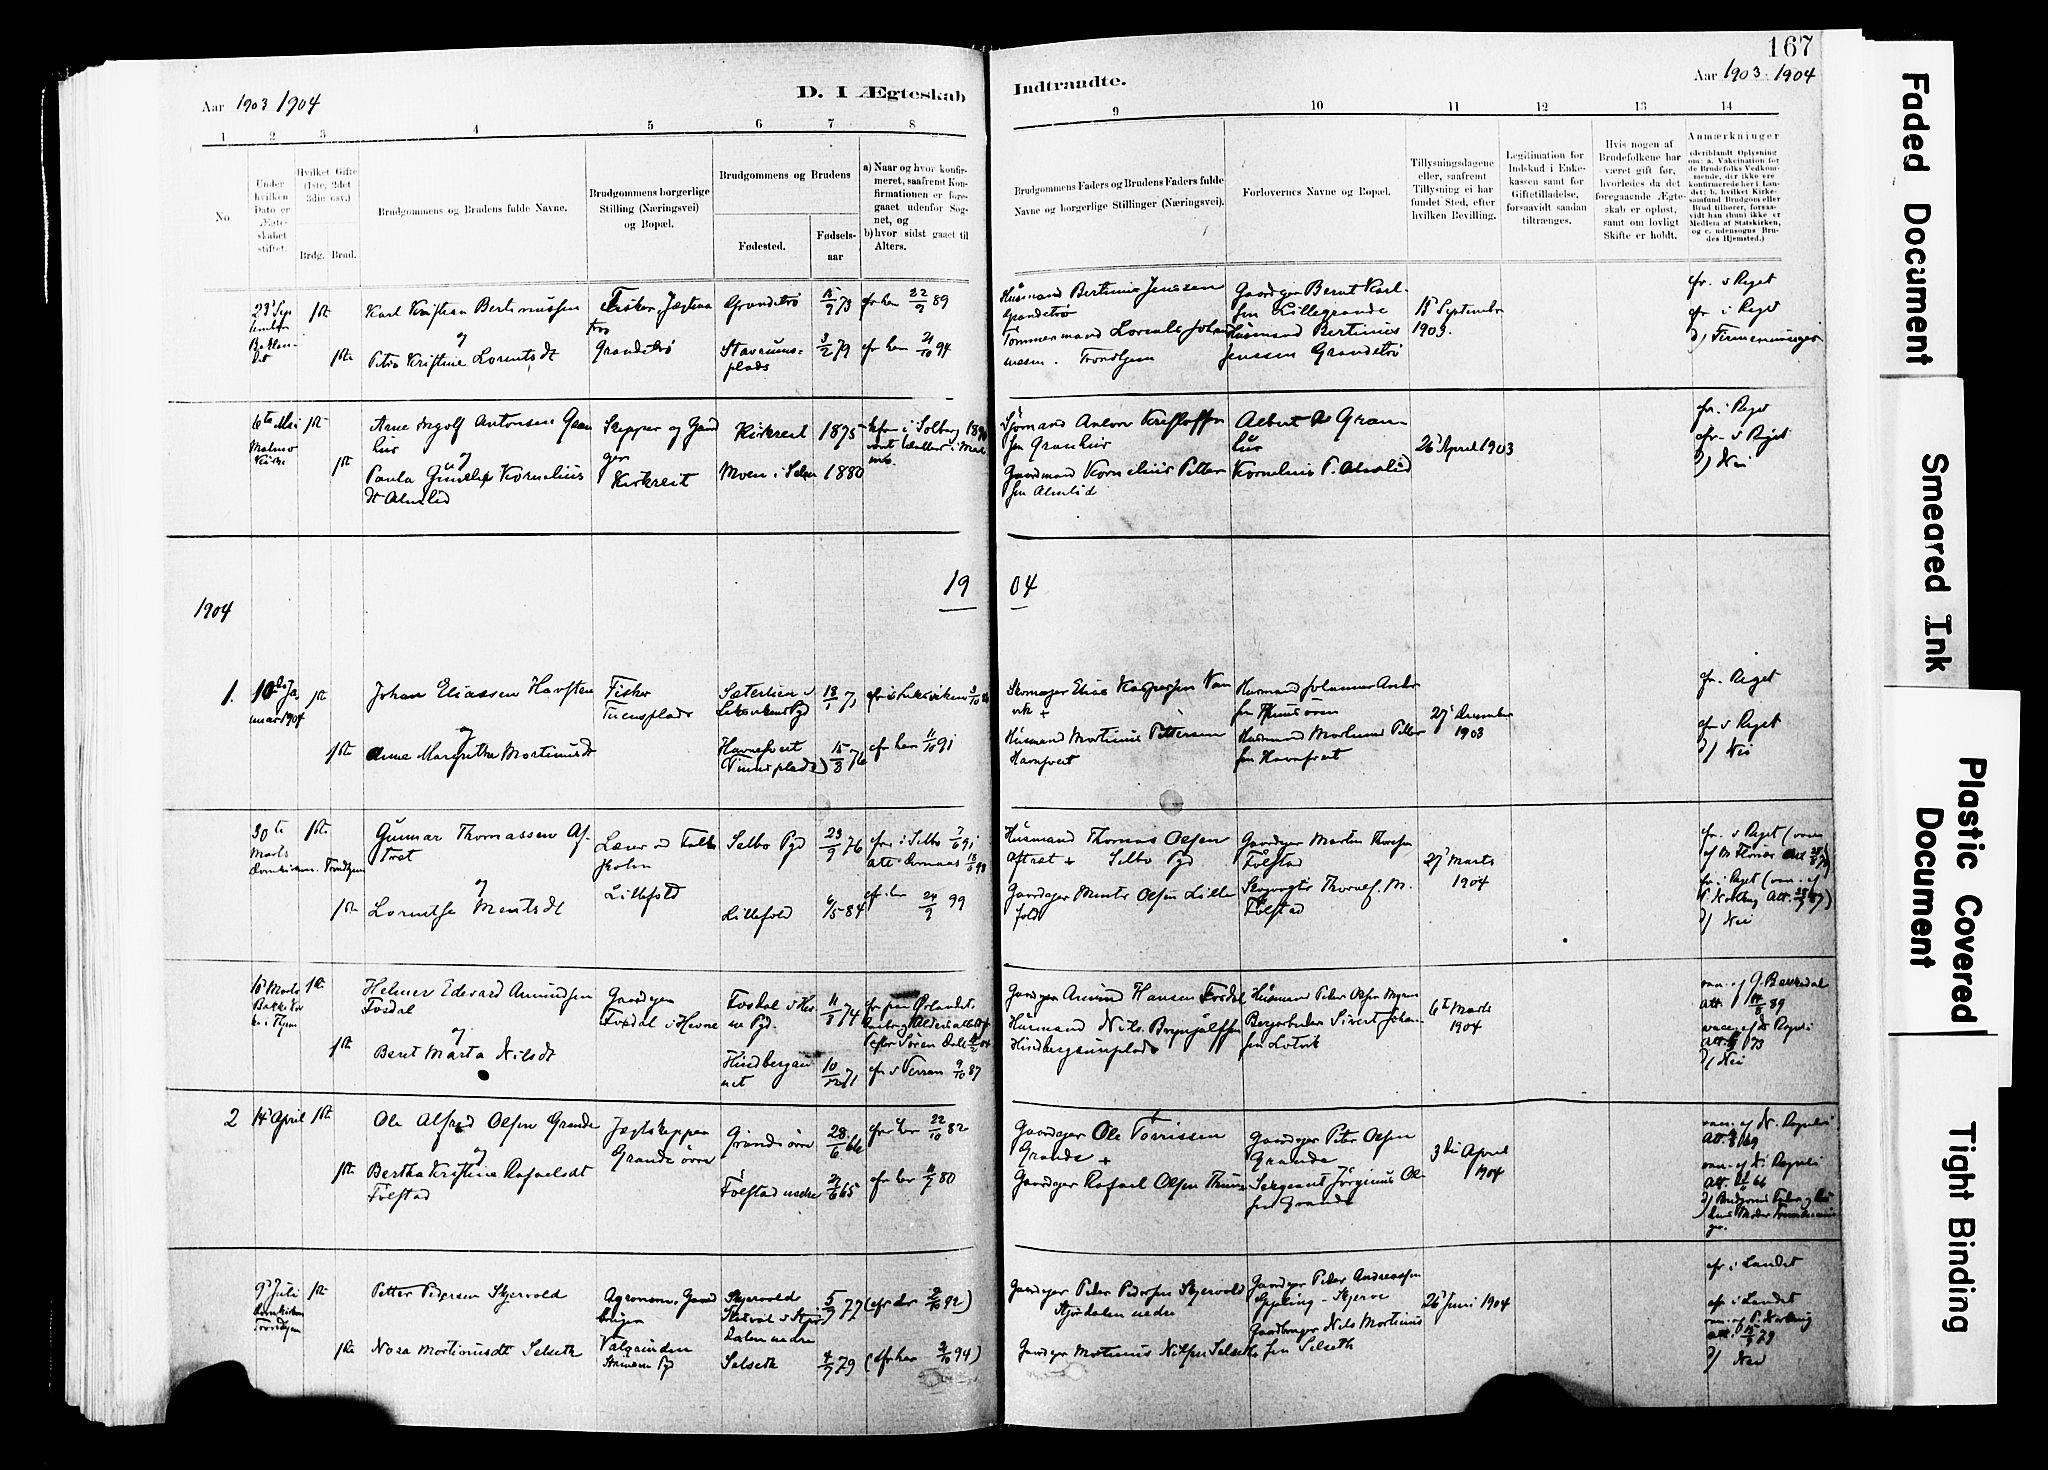 SAT, Ministerialprotokoller, klokkerbøker og fødselsregistre - Nord-Trøndelag, 744/L0420: Ministerialbok nr. 744A04, 1882-1904, s. 167